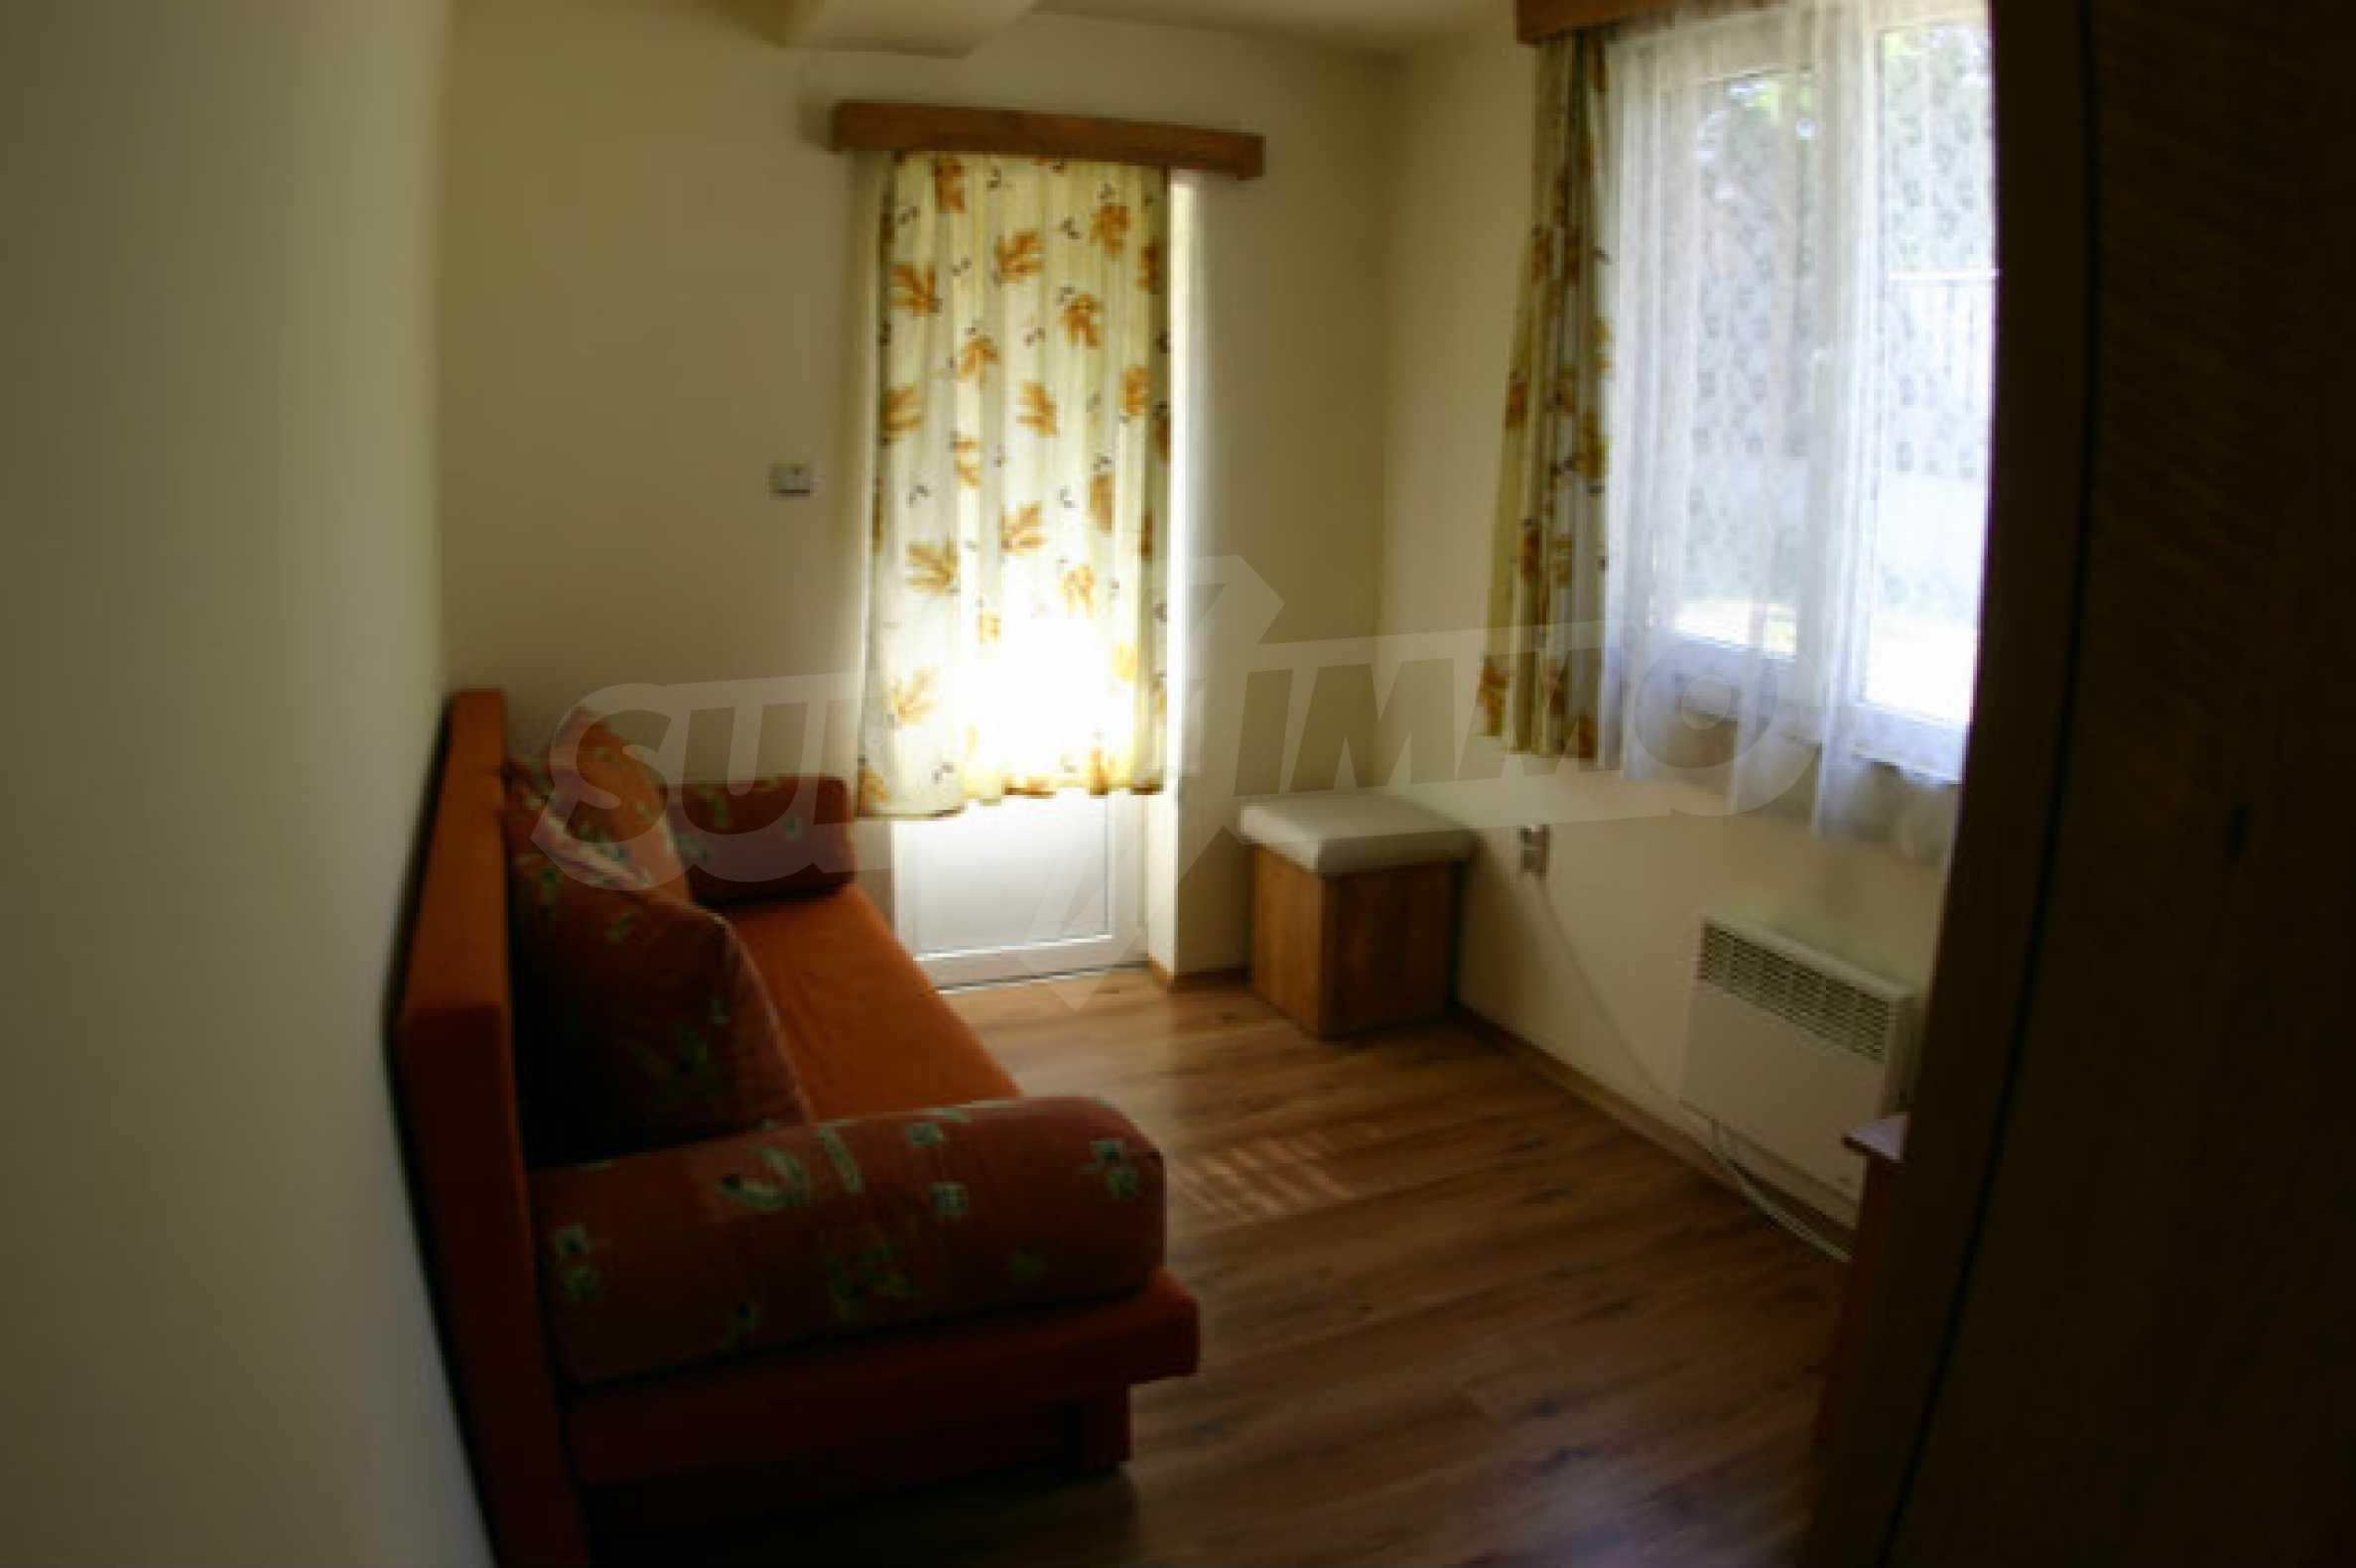 Familienhotel zum Verkauf in Dobrinischte, 6 km von Bansko entfernt 15